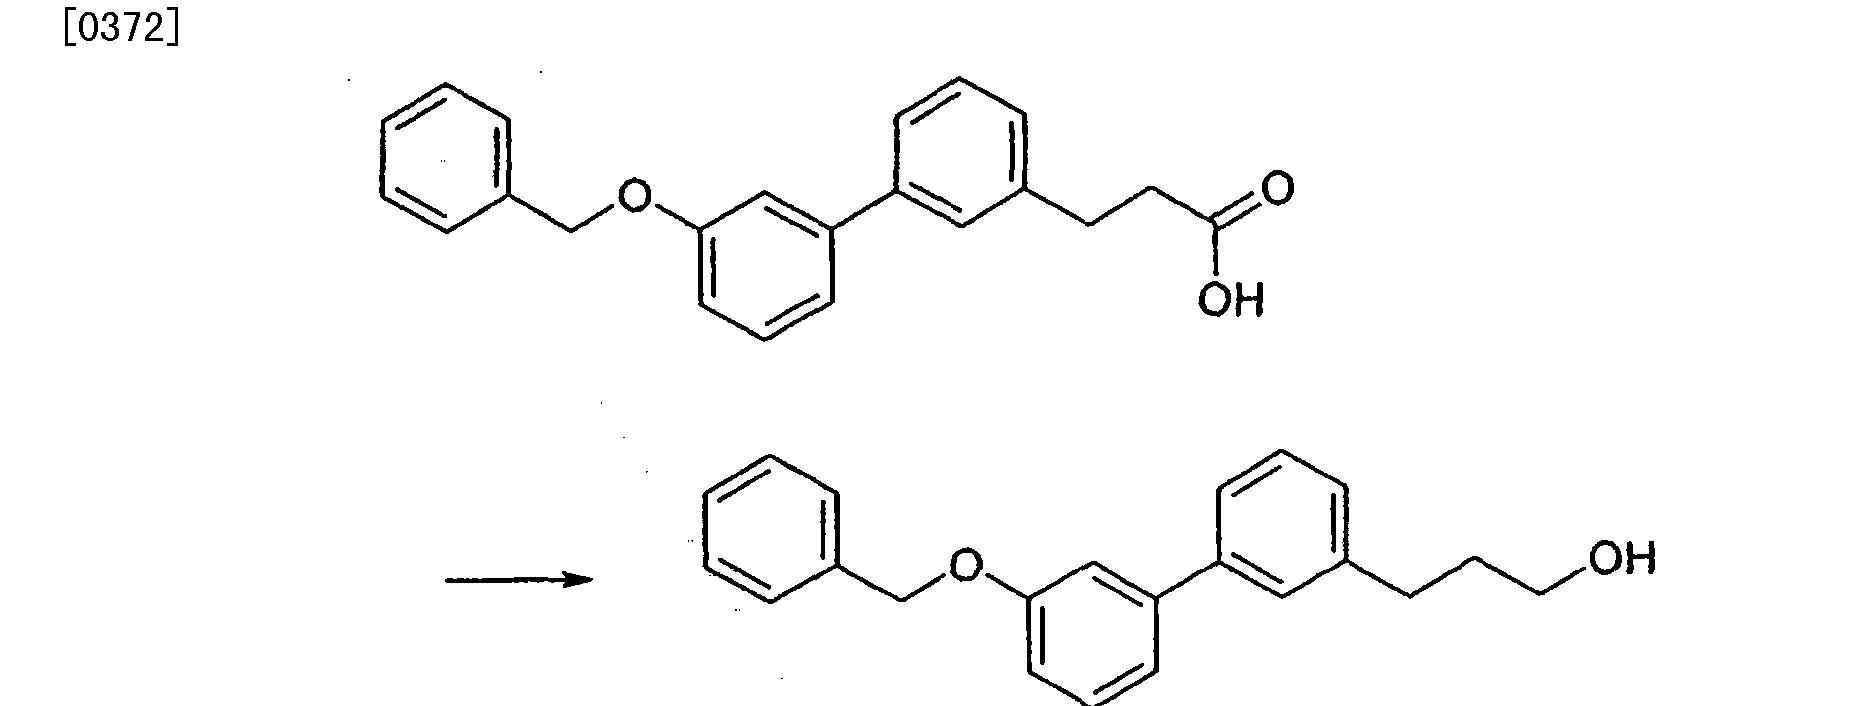 Figure CN101848978BD00712